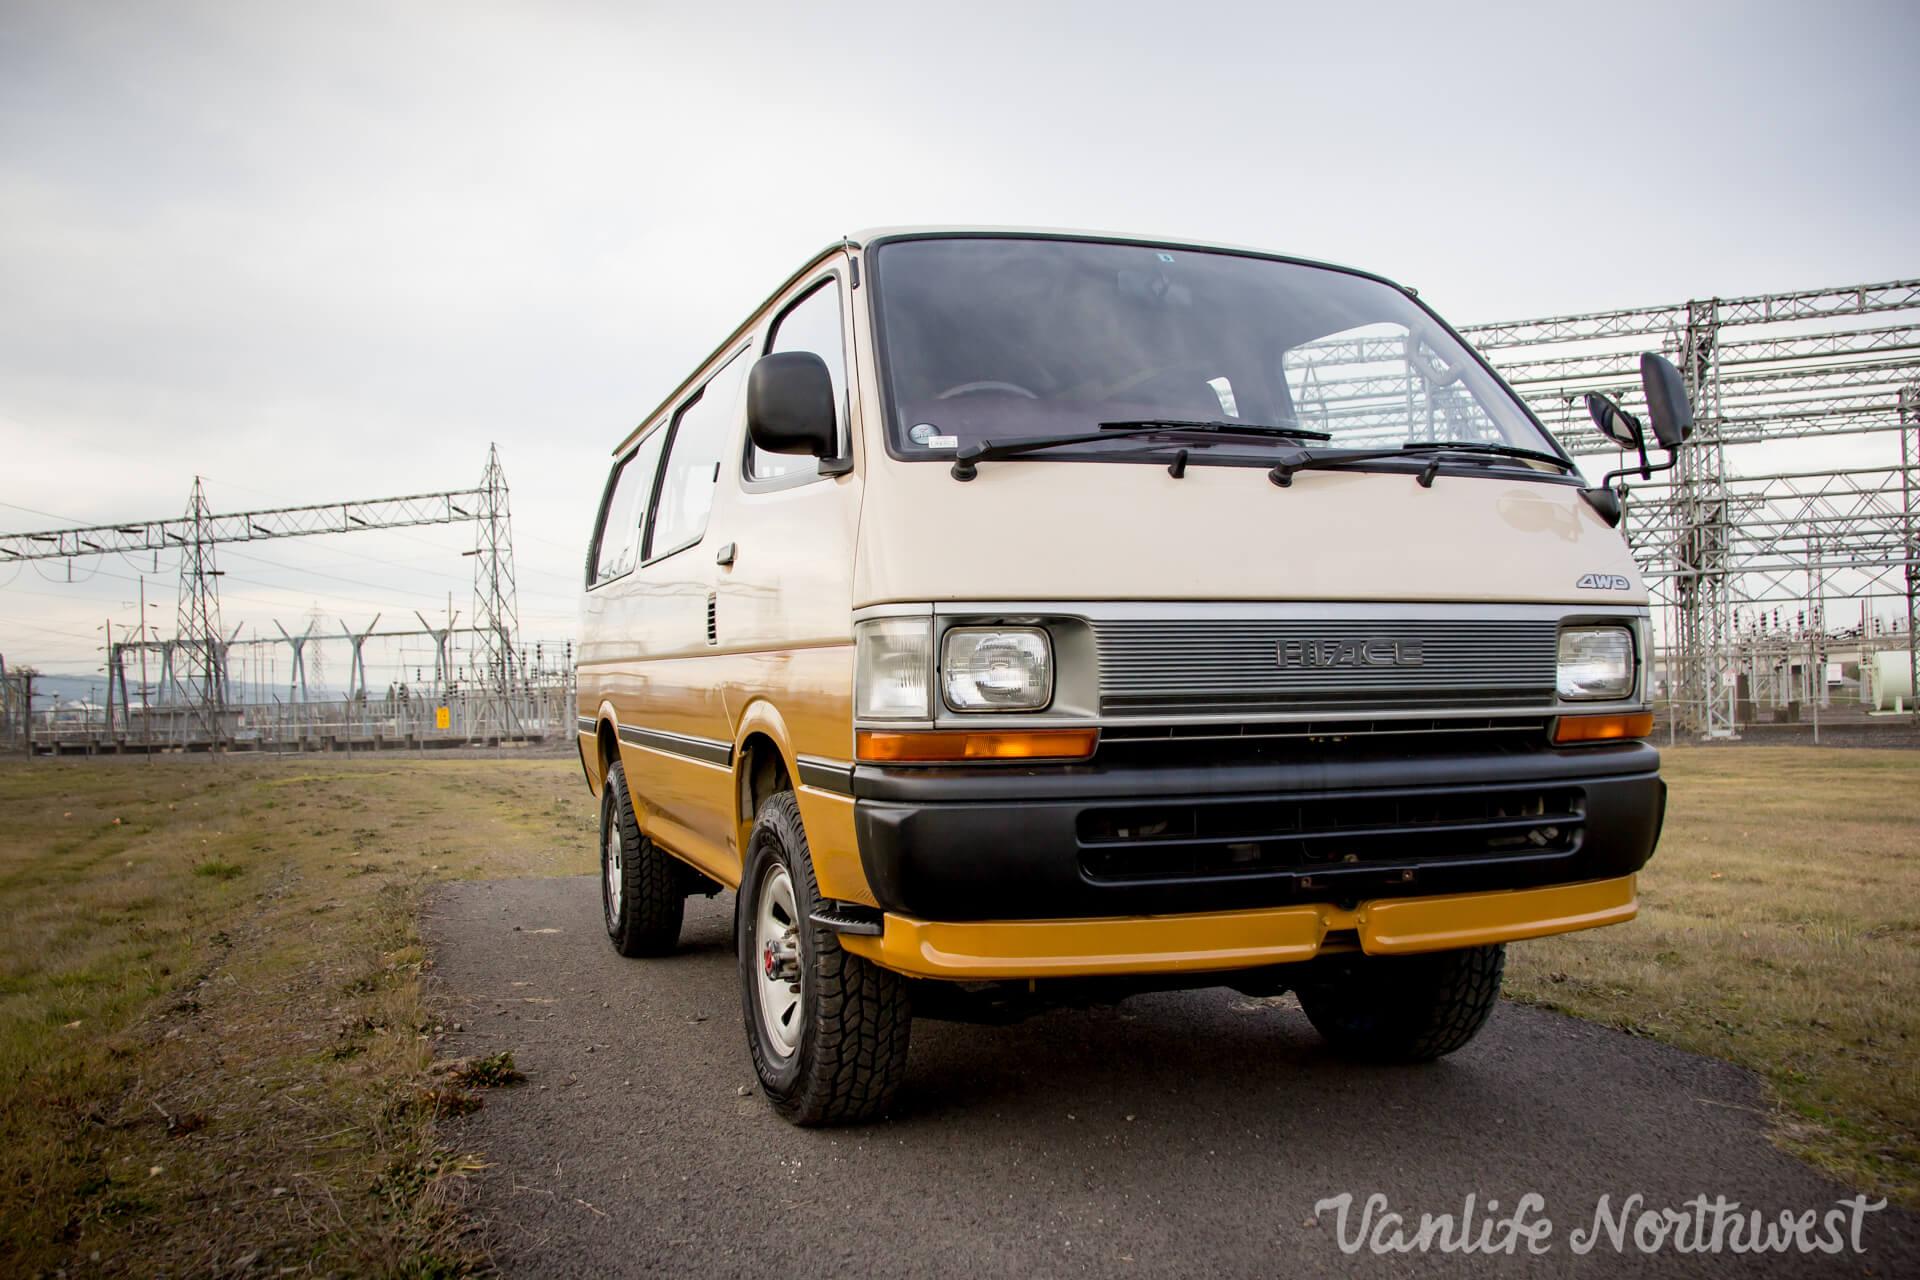 ToyotaHiaceLH117Aric-14.jpg